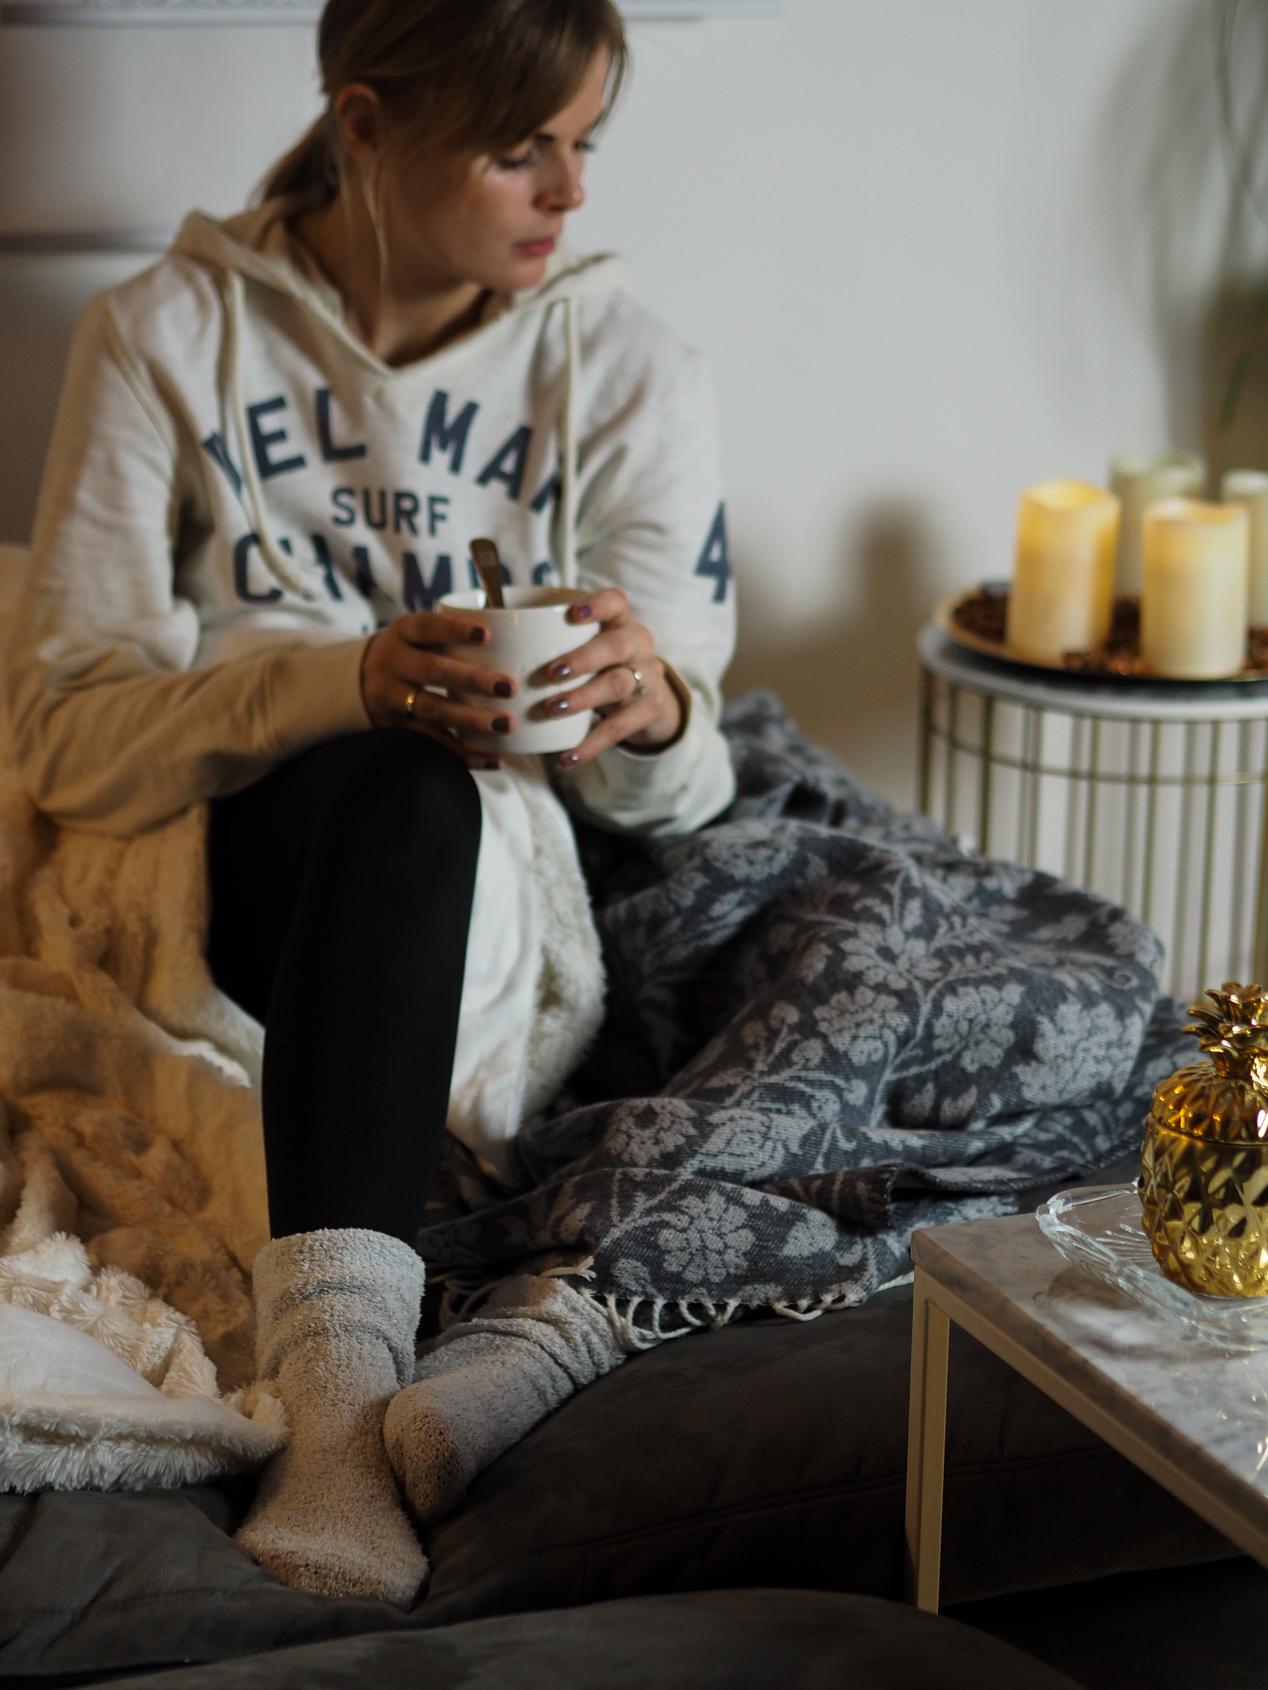 SOS Tipps bei einer Erkältung